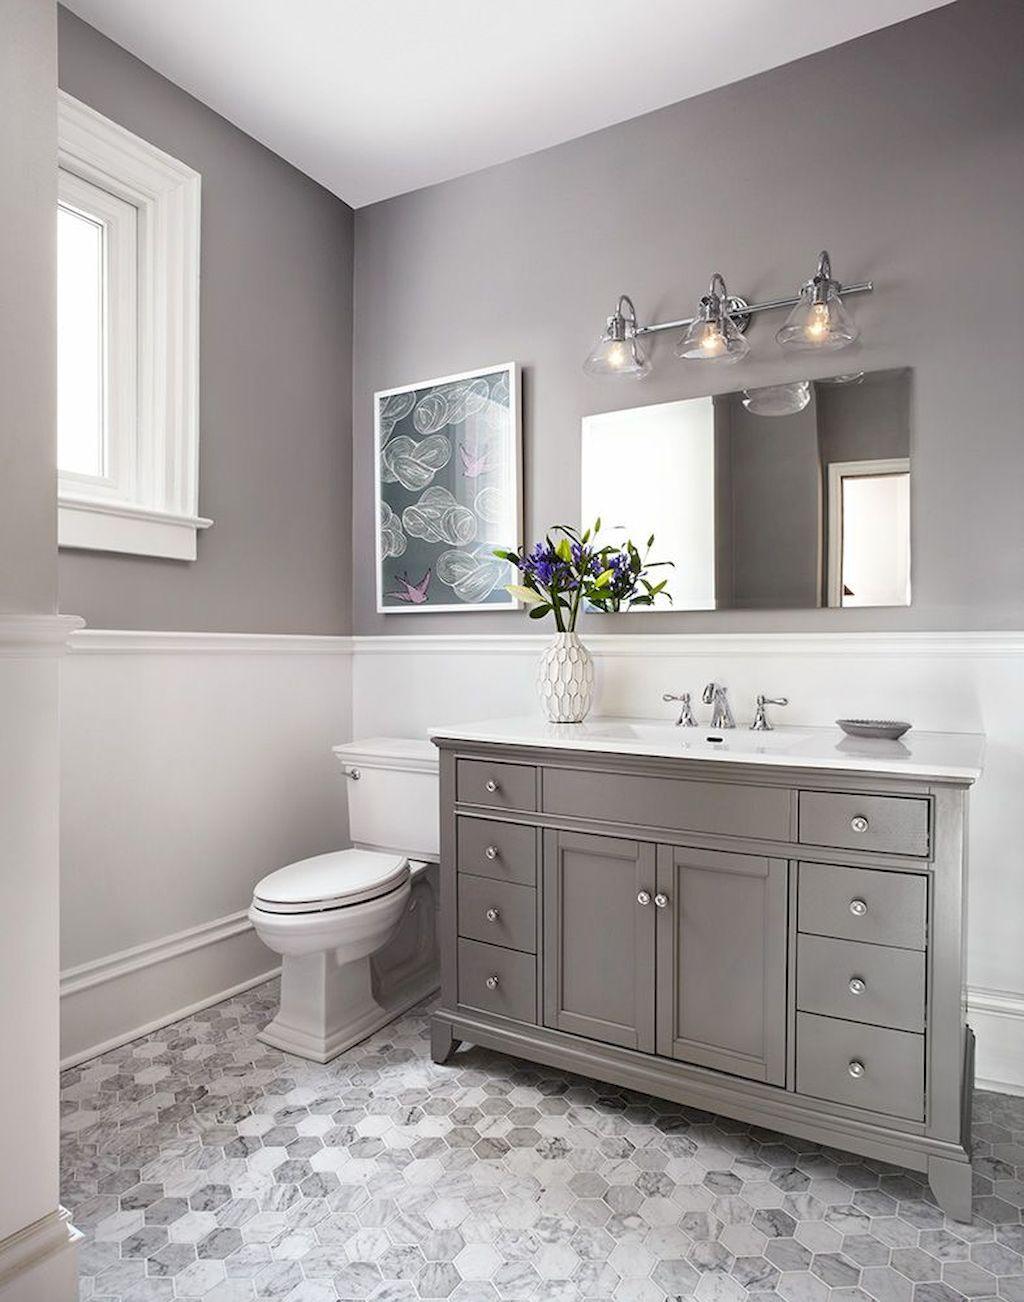 55 Shabby Chic Bathroom Decor Ideas Best Bathroom Paint Colors